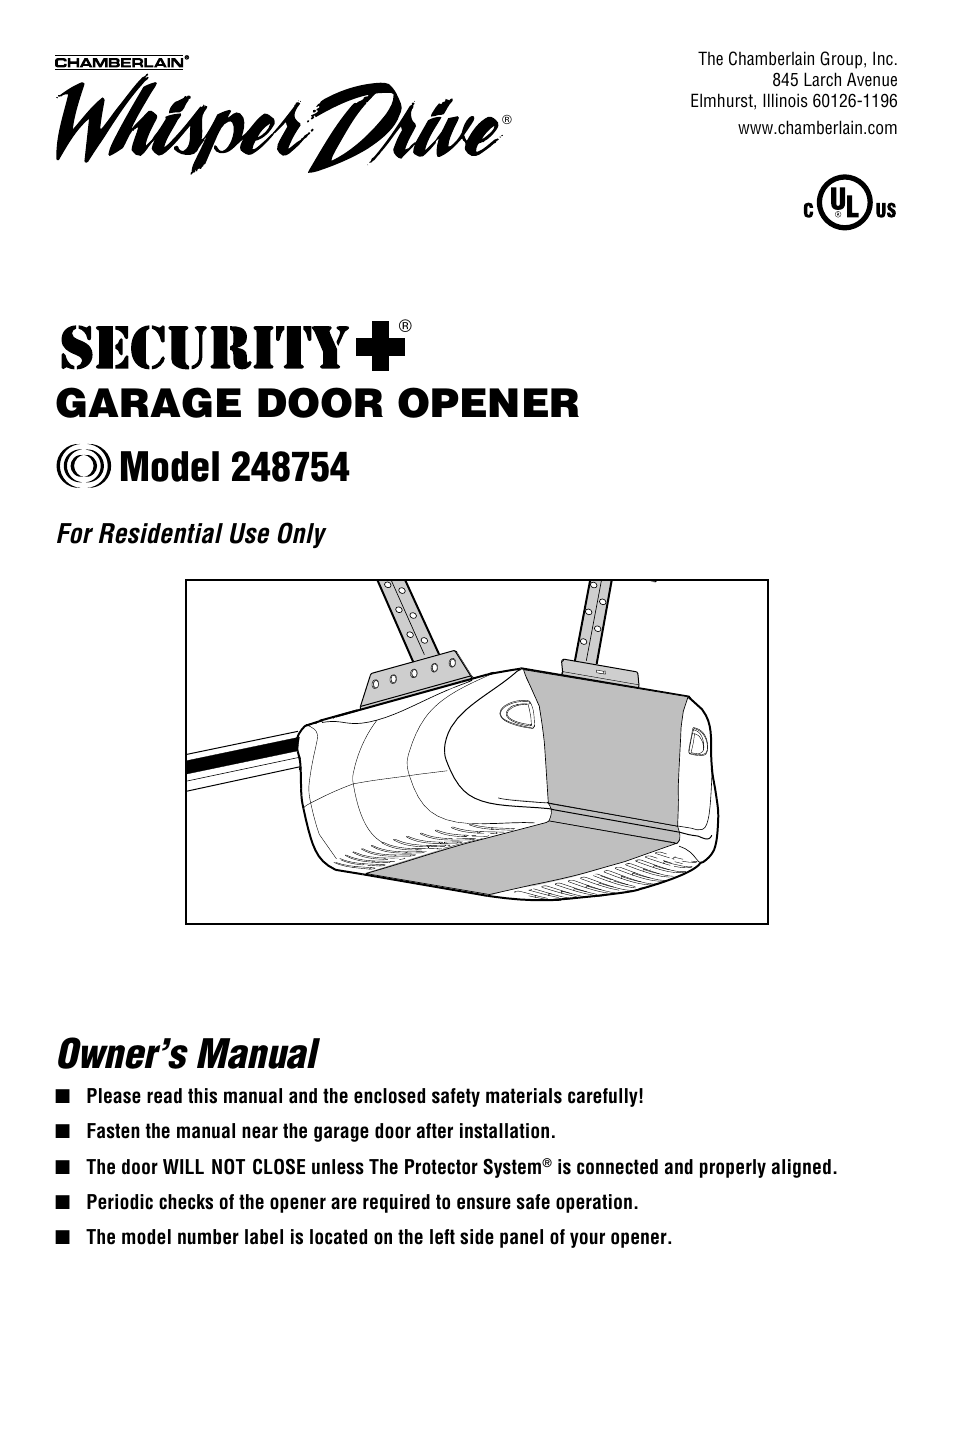 Chamberlain Whisper Drive Garage Door Opener Wiring